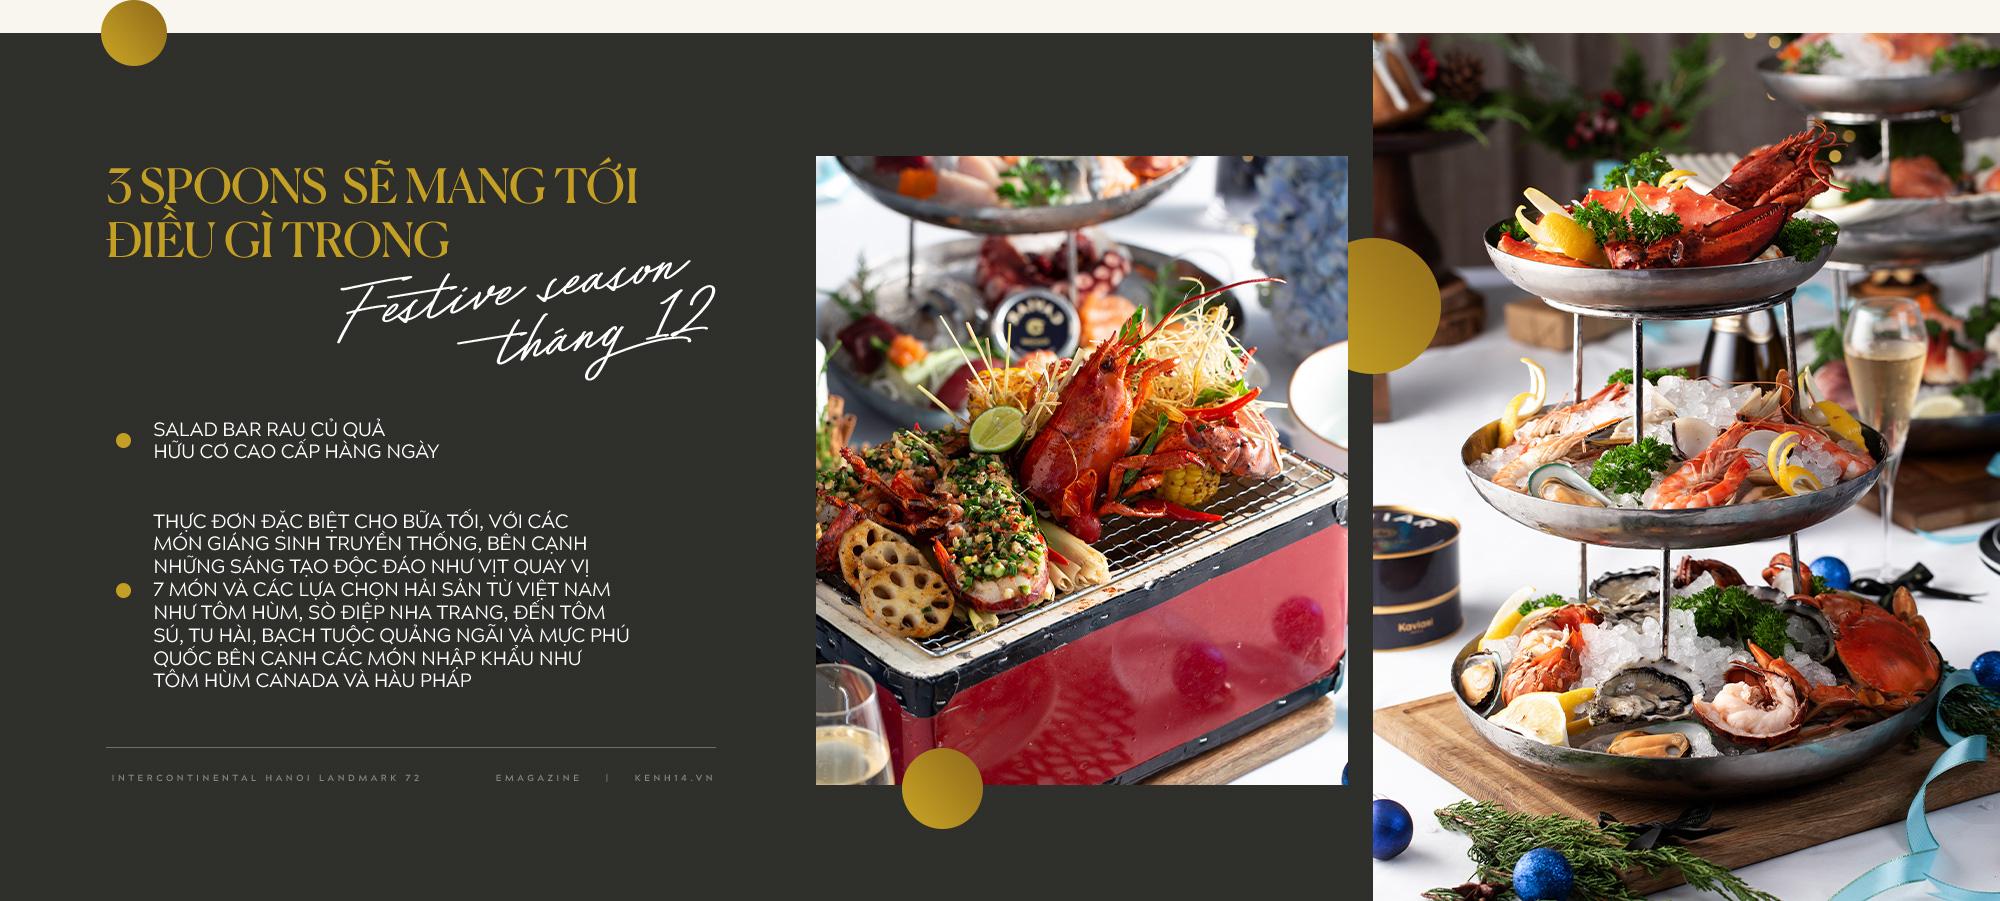 """""""Bữa tiệc trên mây"""" mùa lễ hội: Nâng tầm trải nghiệm ẩm thực với mọi giác quan tại InterContinental Hanoi Landmark72 - Ảnh 9."""